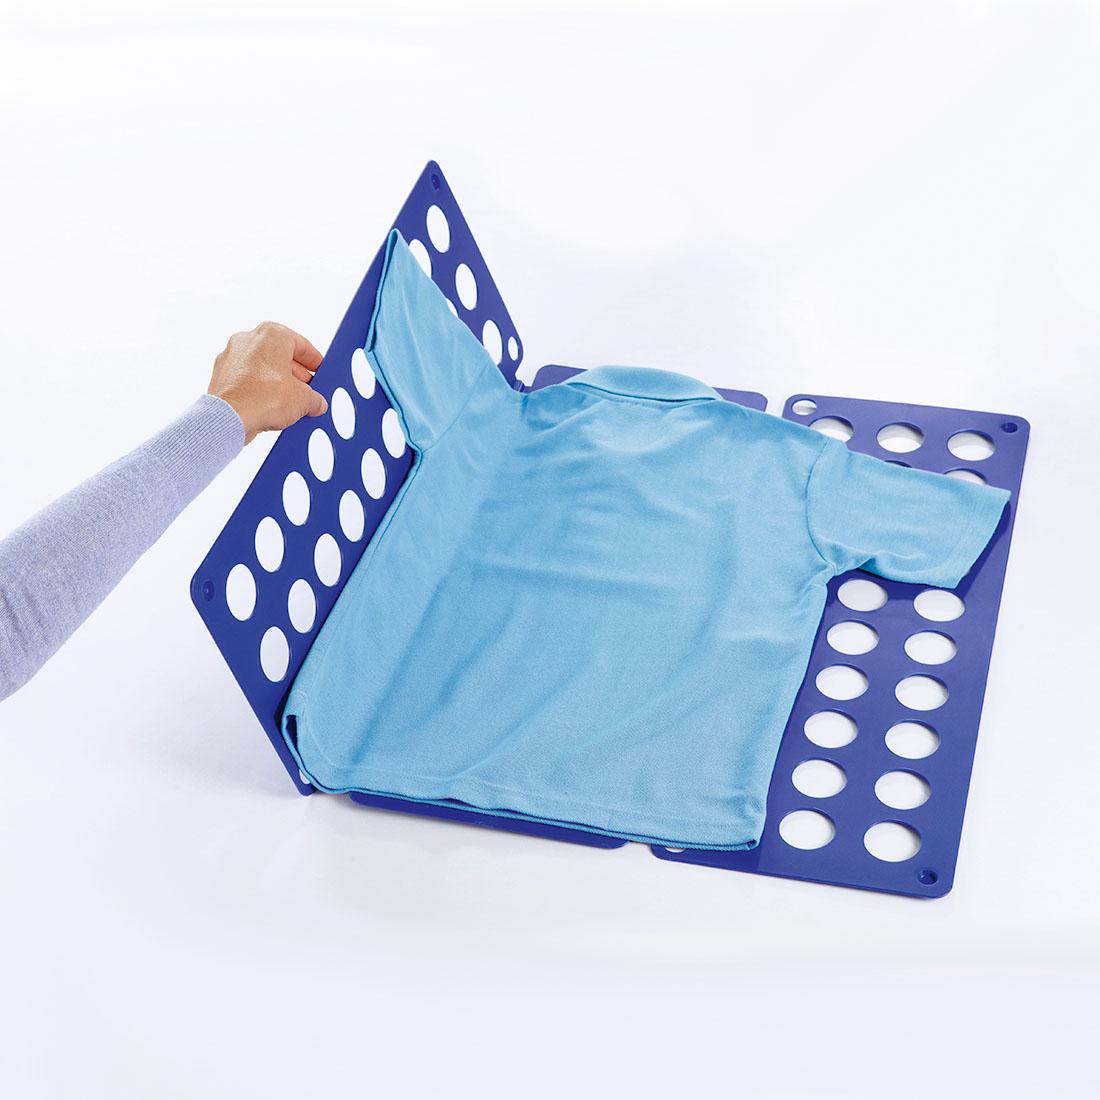 Приспособление для складывания одежды [06940],